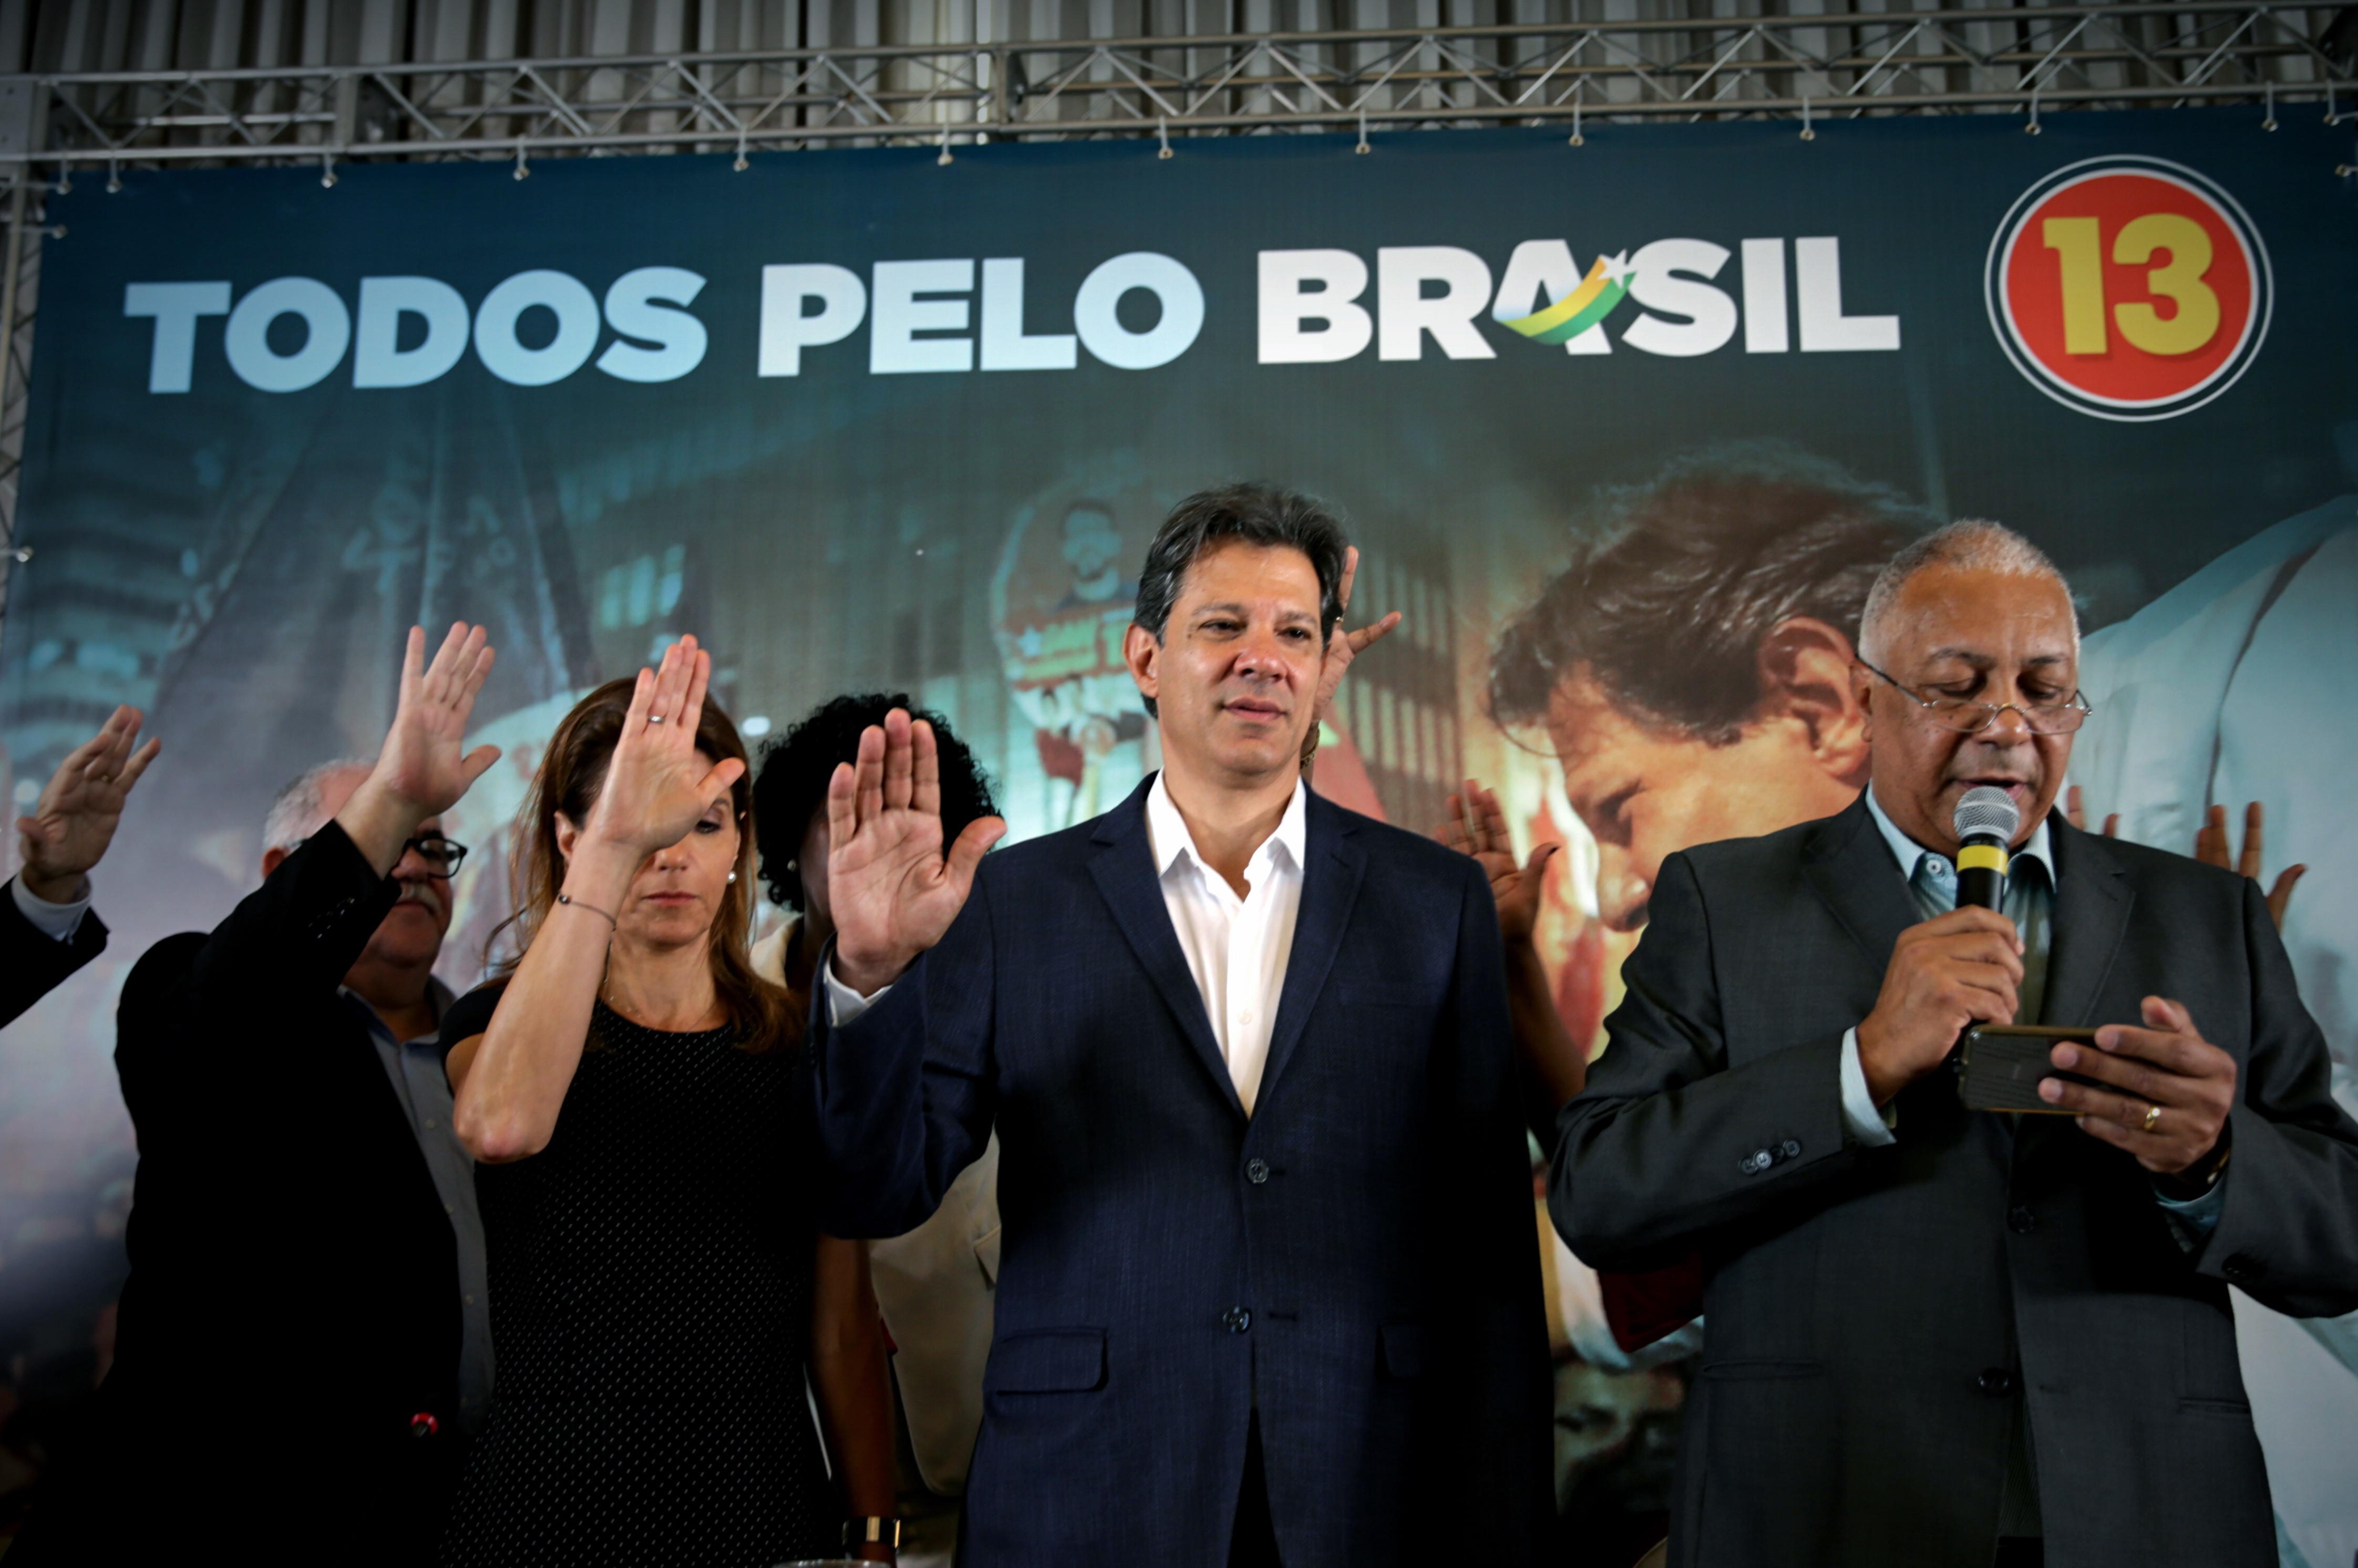 """Haddad afirma que Bolsonaro é uma """"aberração"""" e """"só vomita barbaridades"""""""